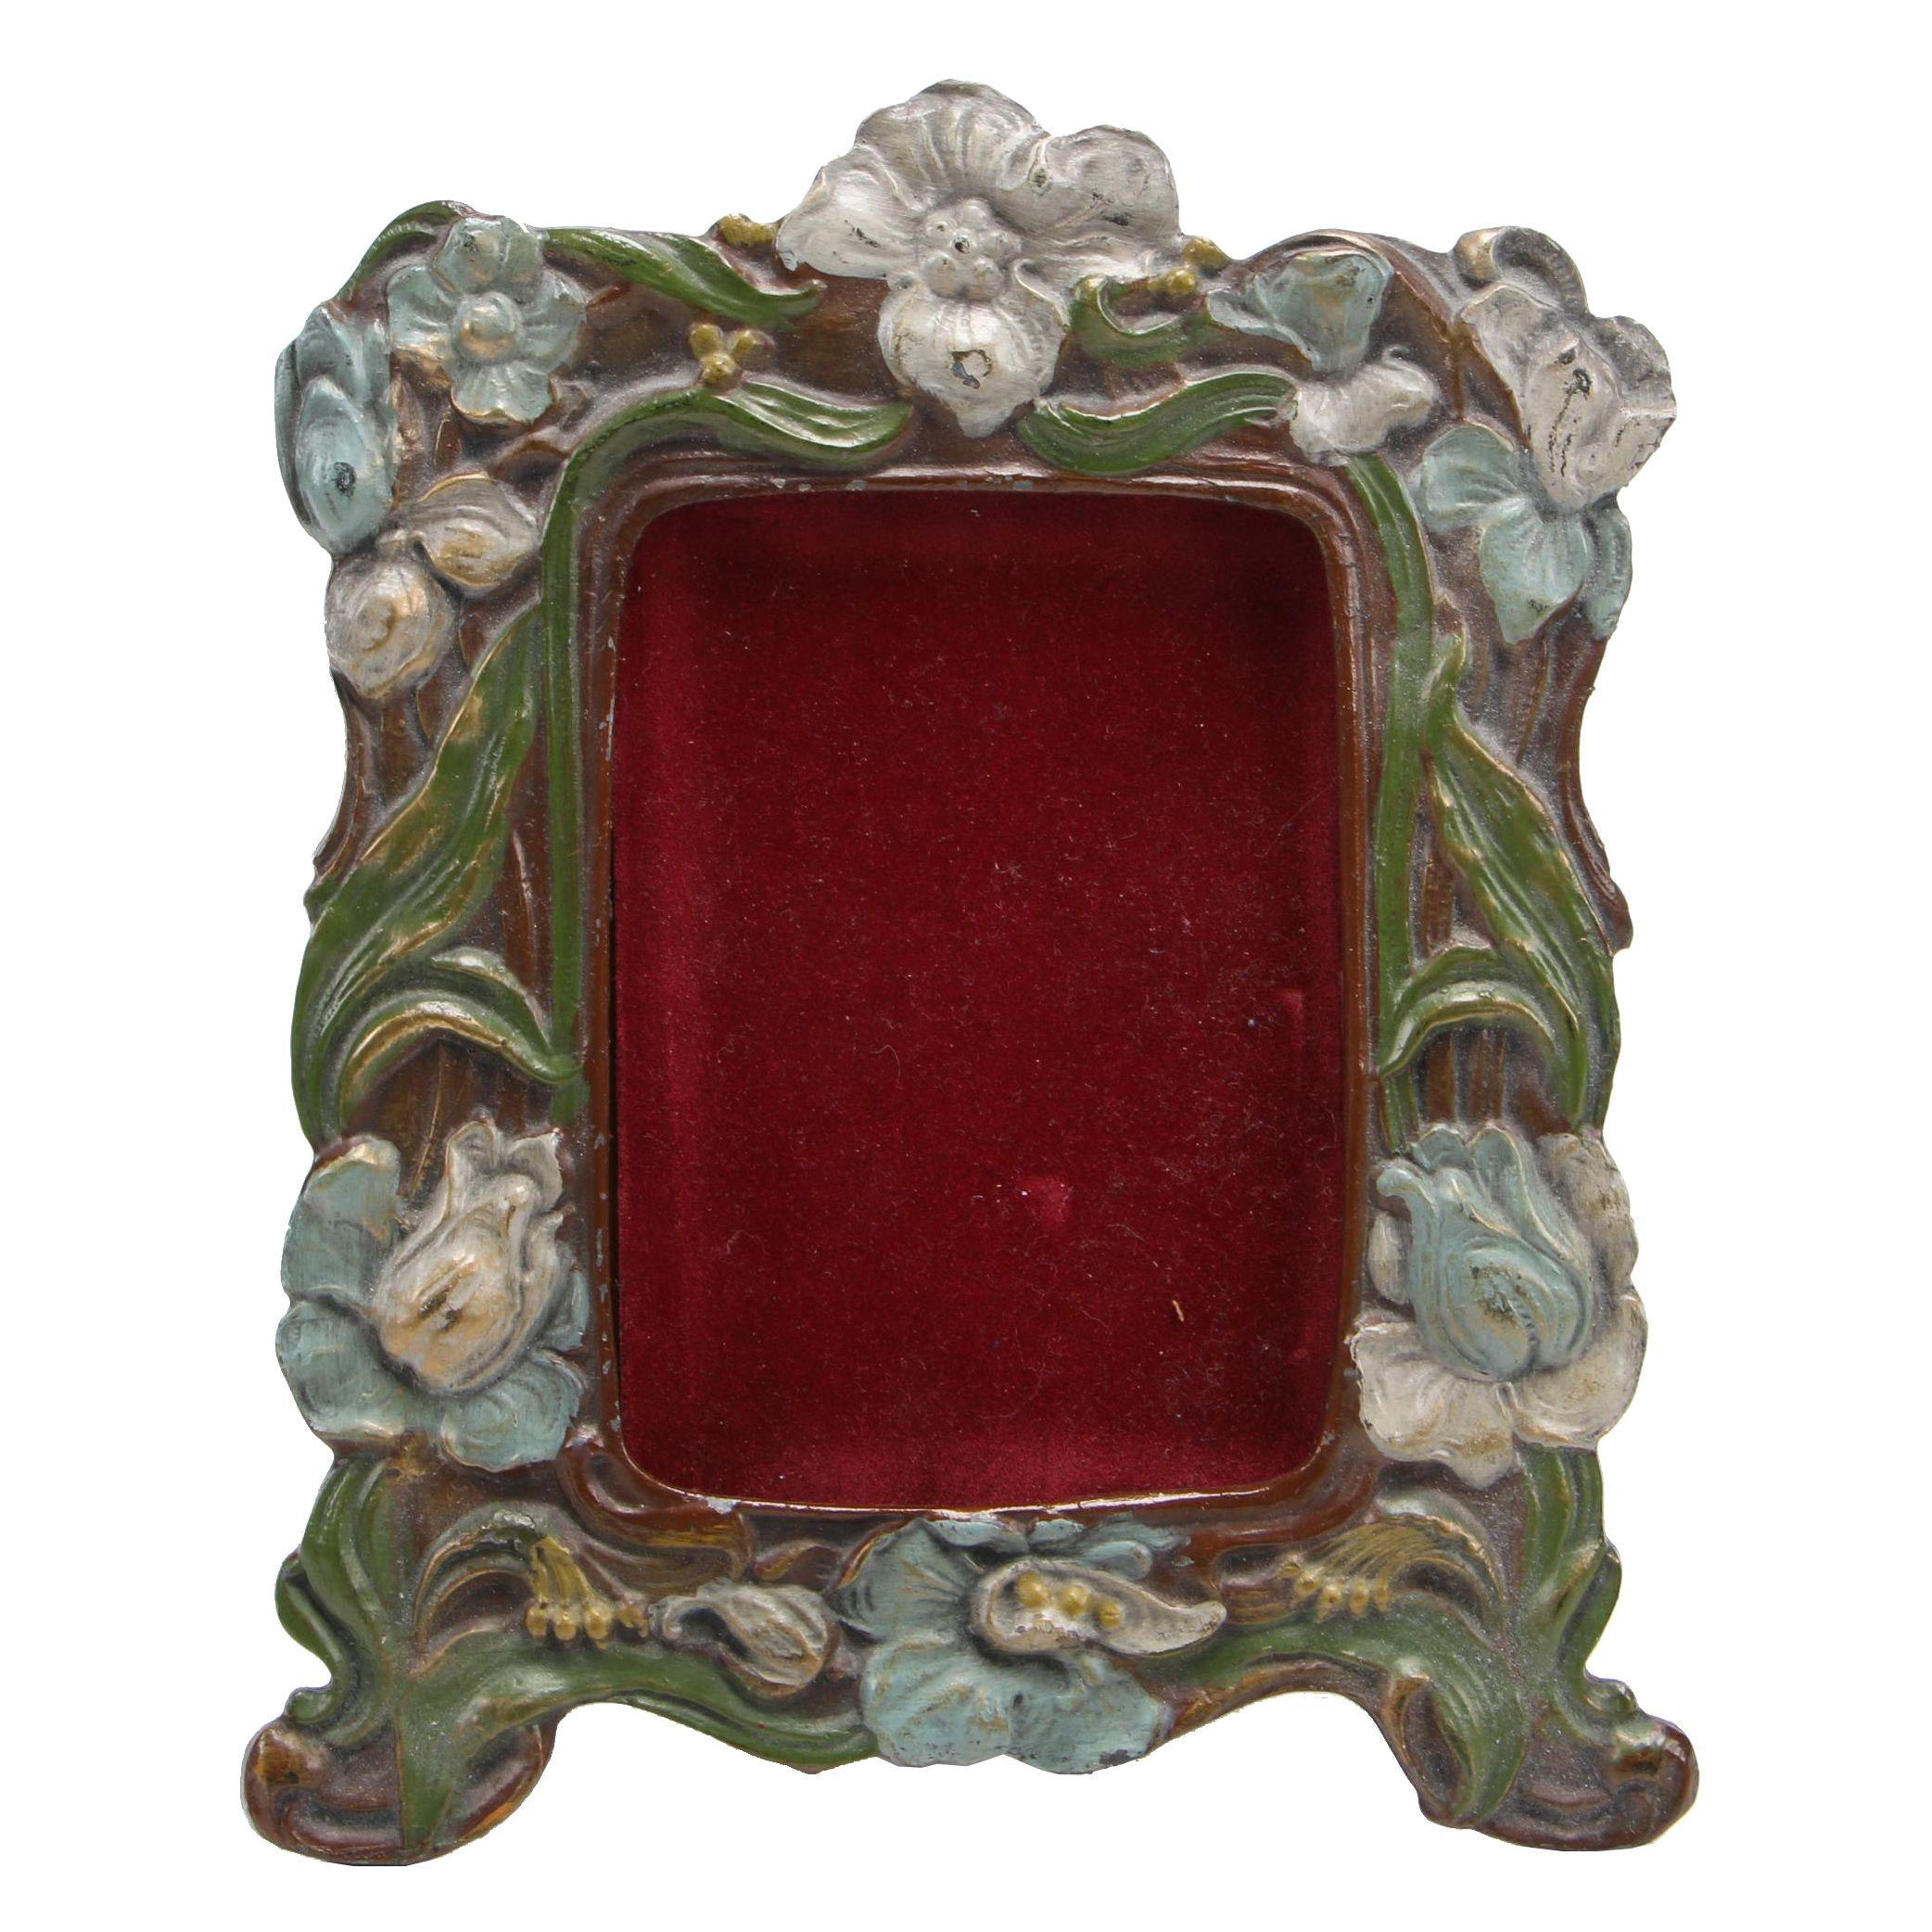 Art Nouveau Polychrome Cast Metal Table Top Frame, 20th Century